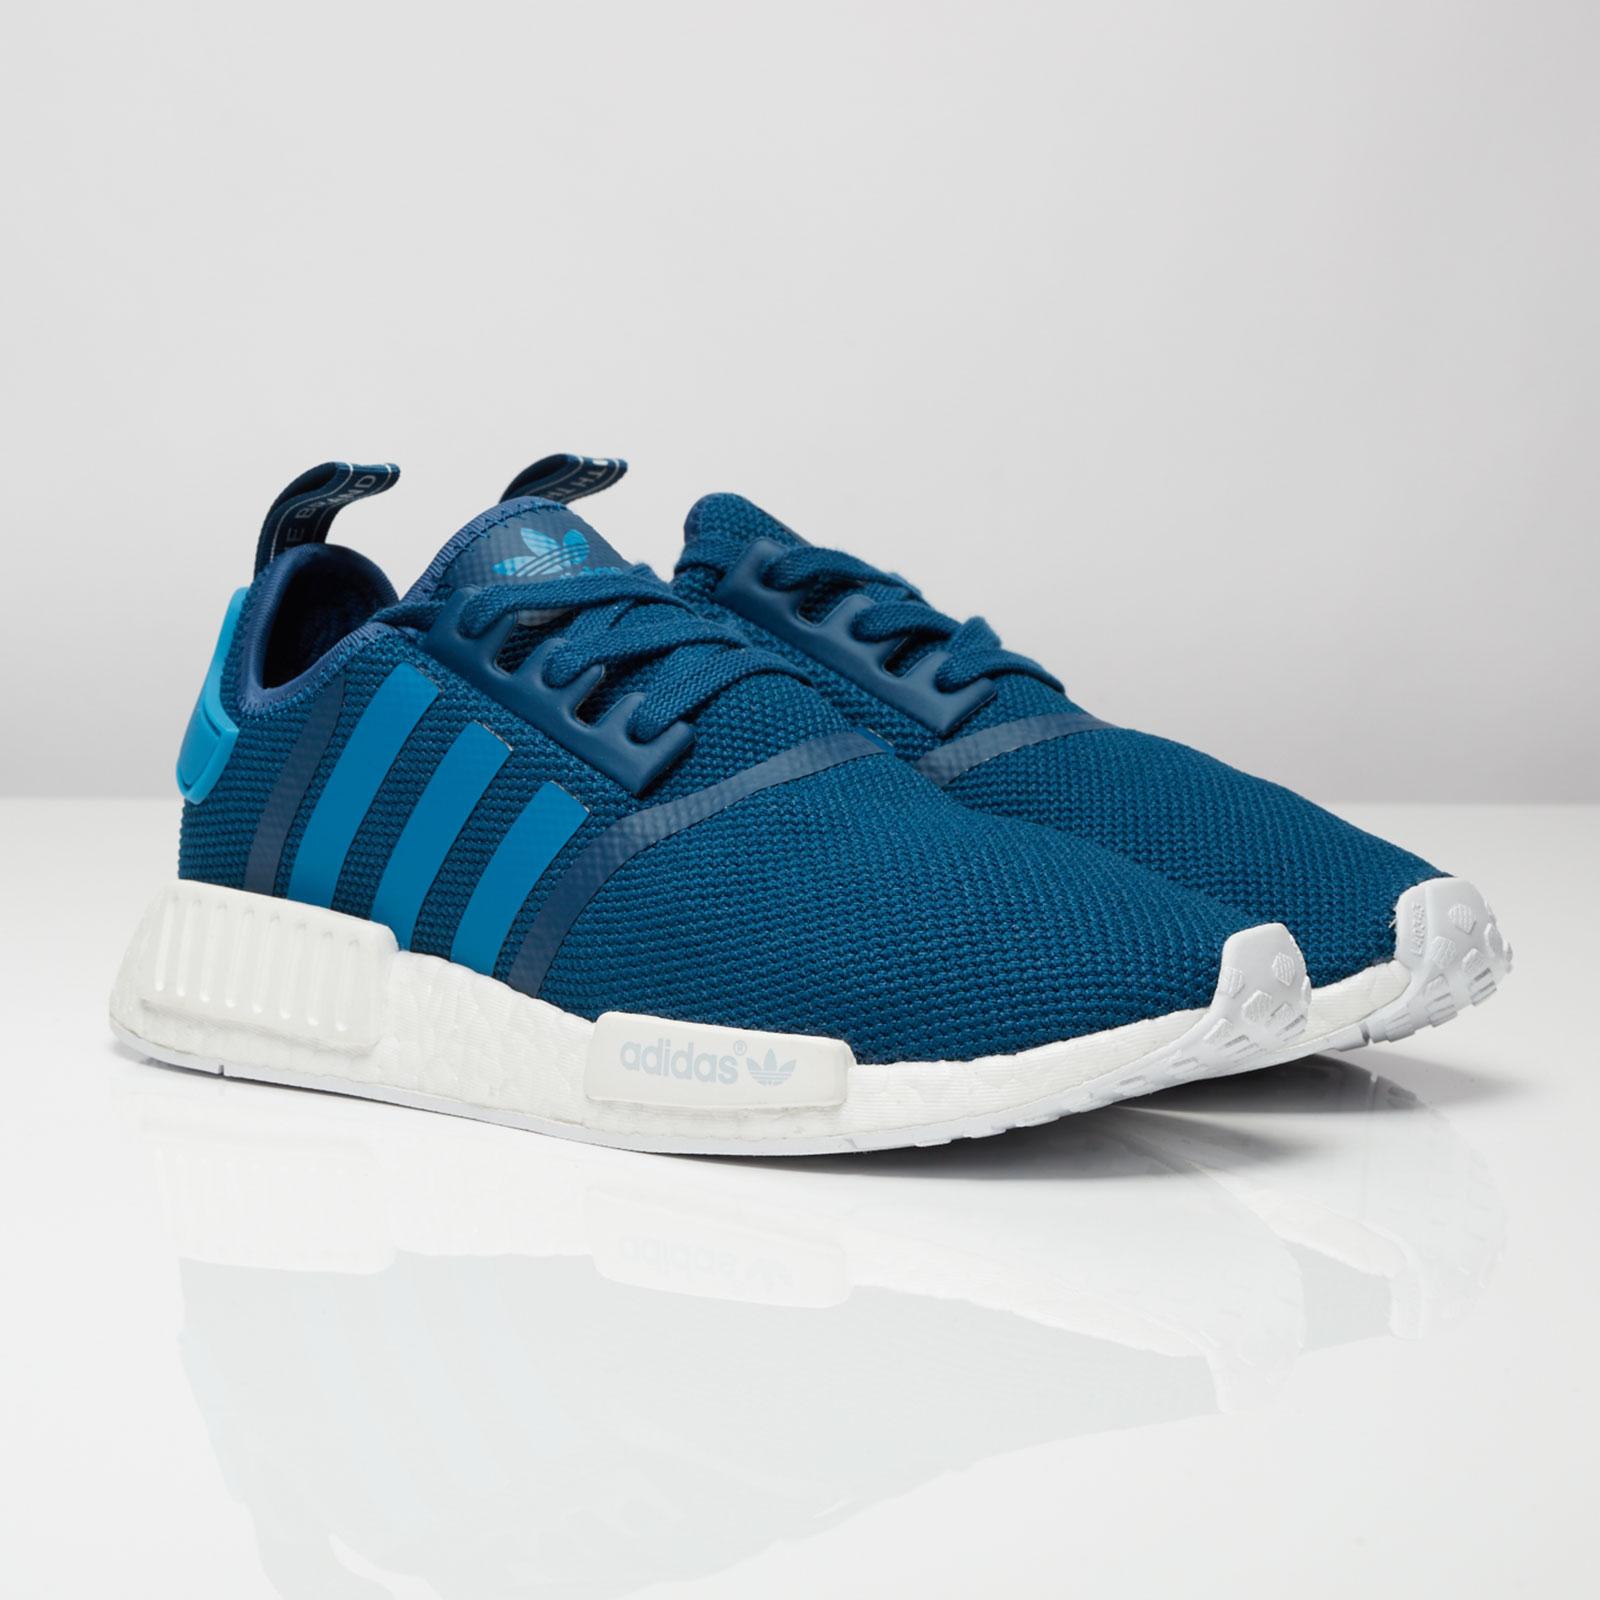 half off acaa2 86507 adidas NMD R1 - S31502 - Sneakersnstuff   sneakers   streetwear ...